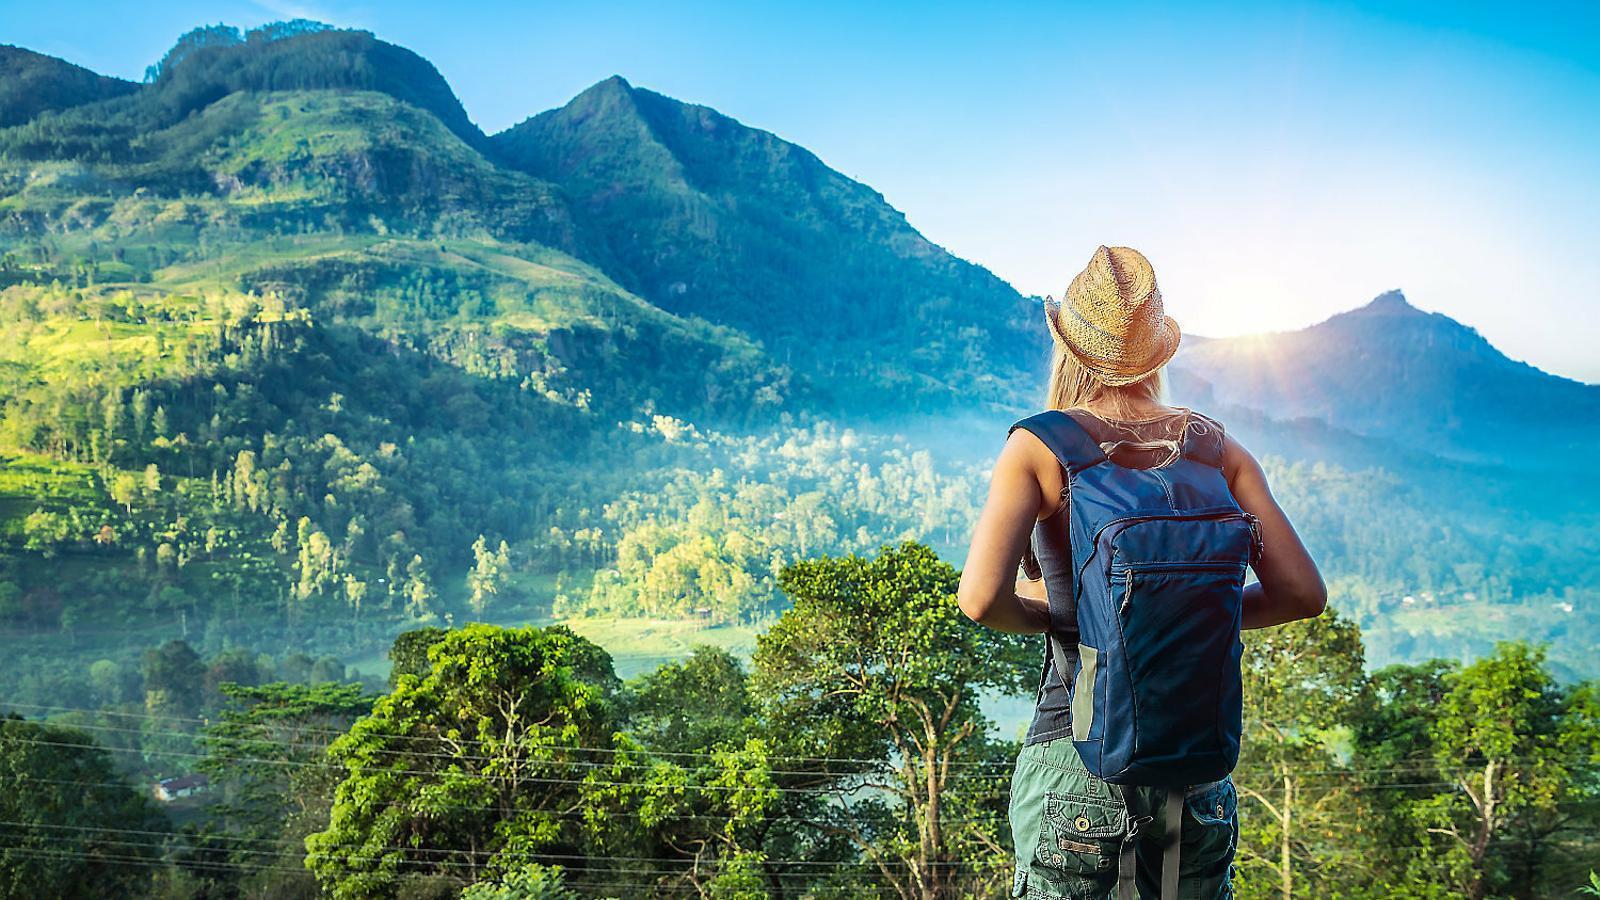 Una viatgera admirant el paisatge a Sri Lanka.